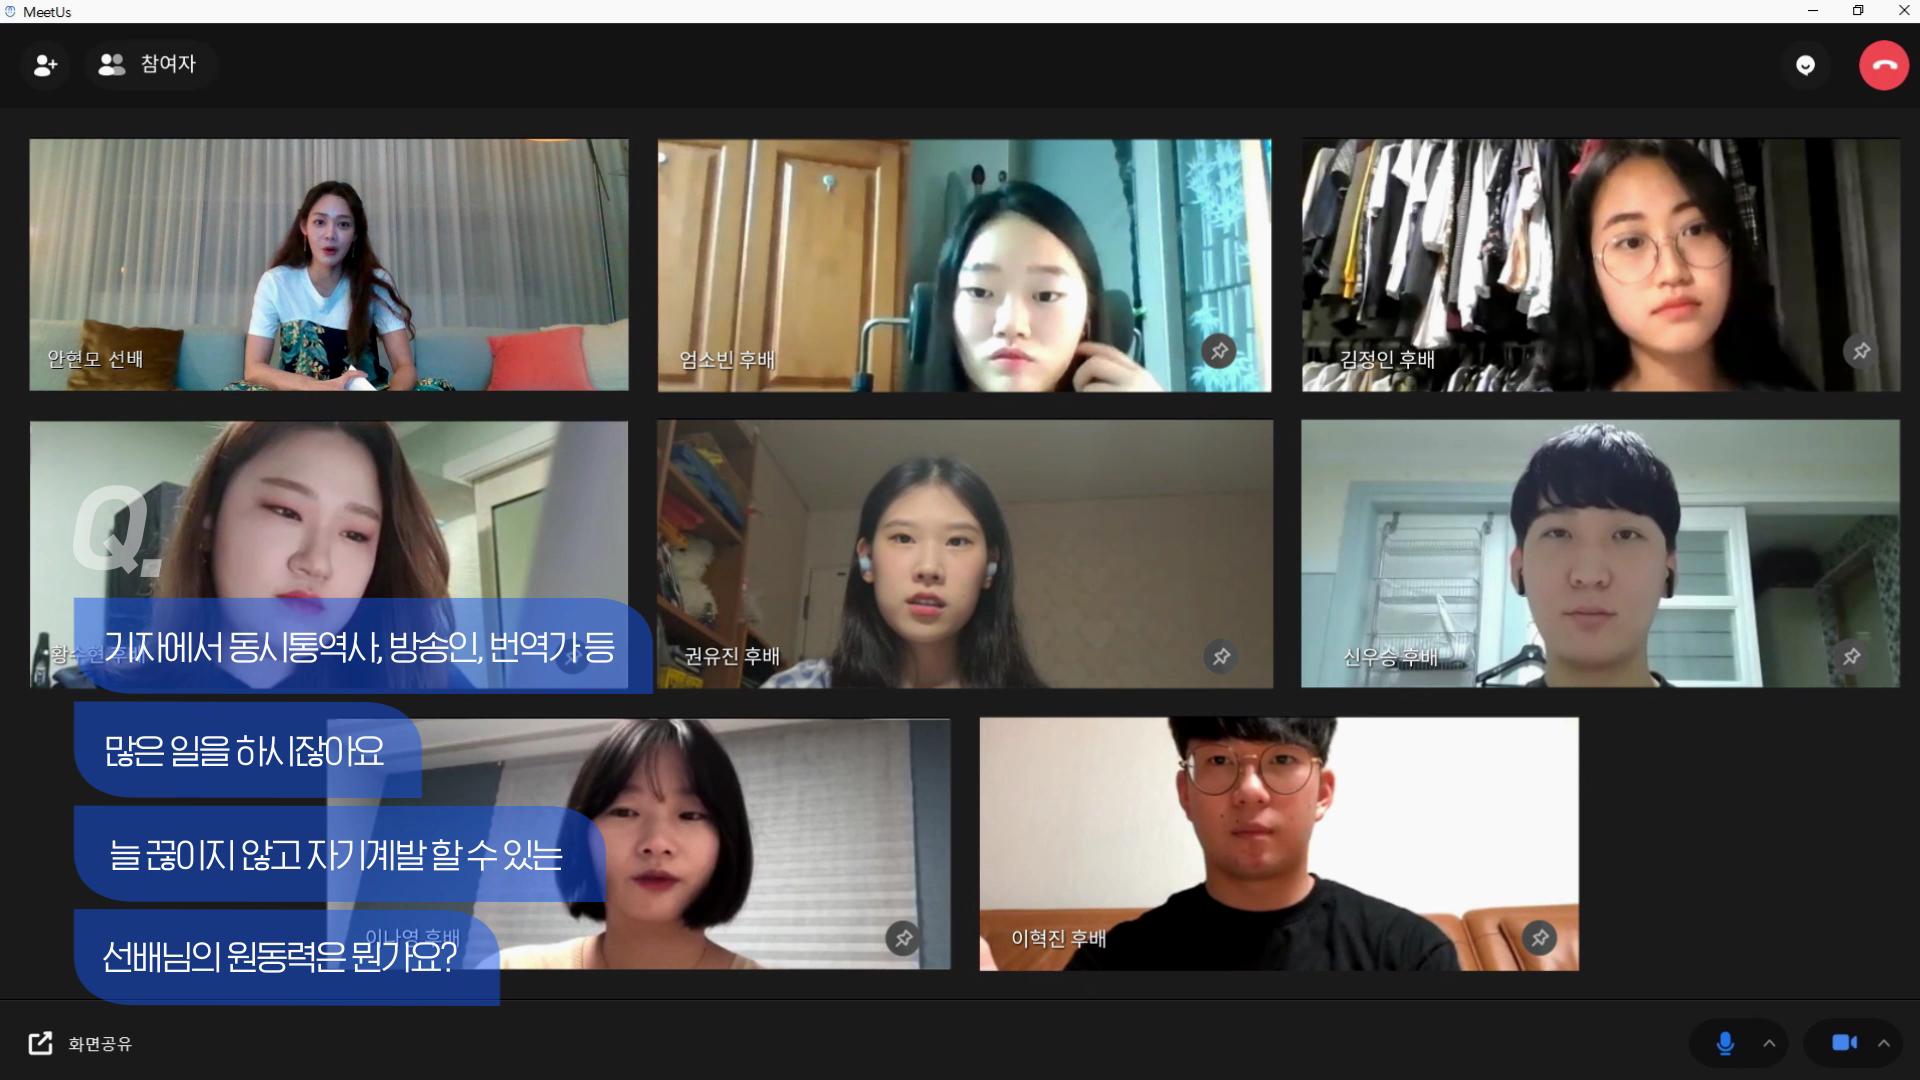 선배박람회, 안현모, skt멘토, 멘토링